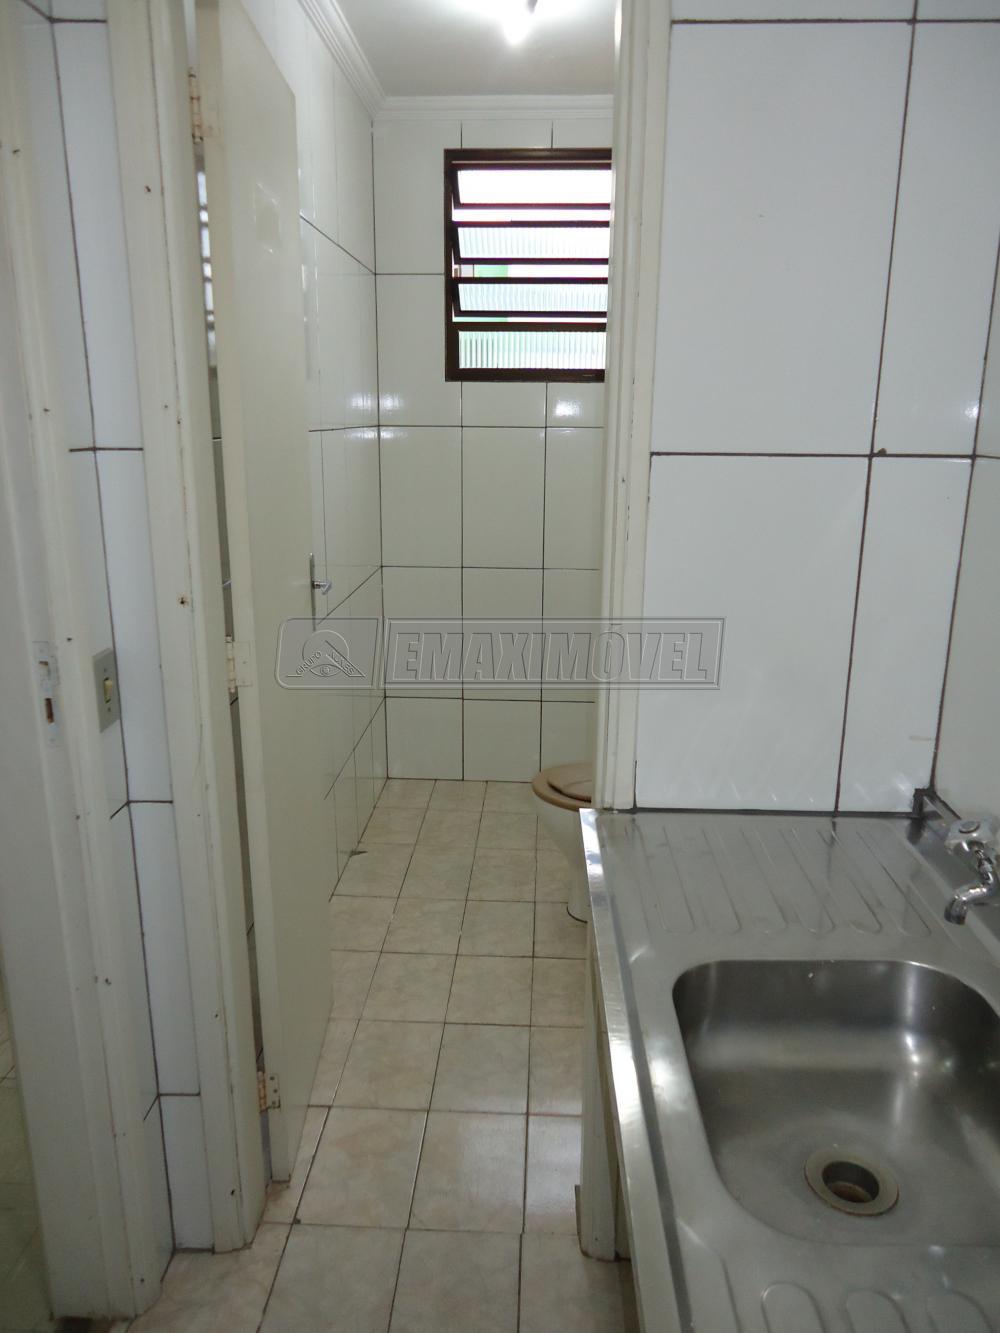 Alugar Comercial / Salas em Sorocaba apenas R$ 660,00 - Foto 5